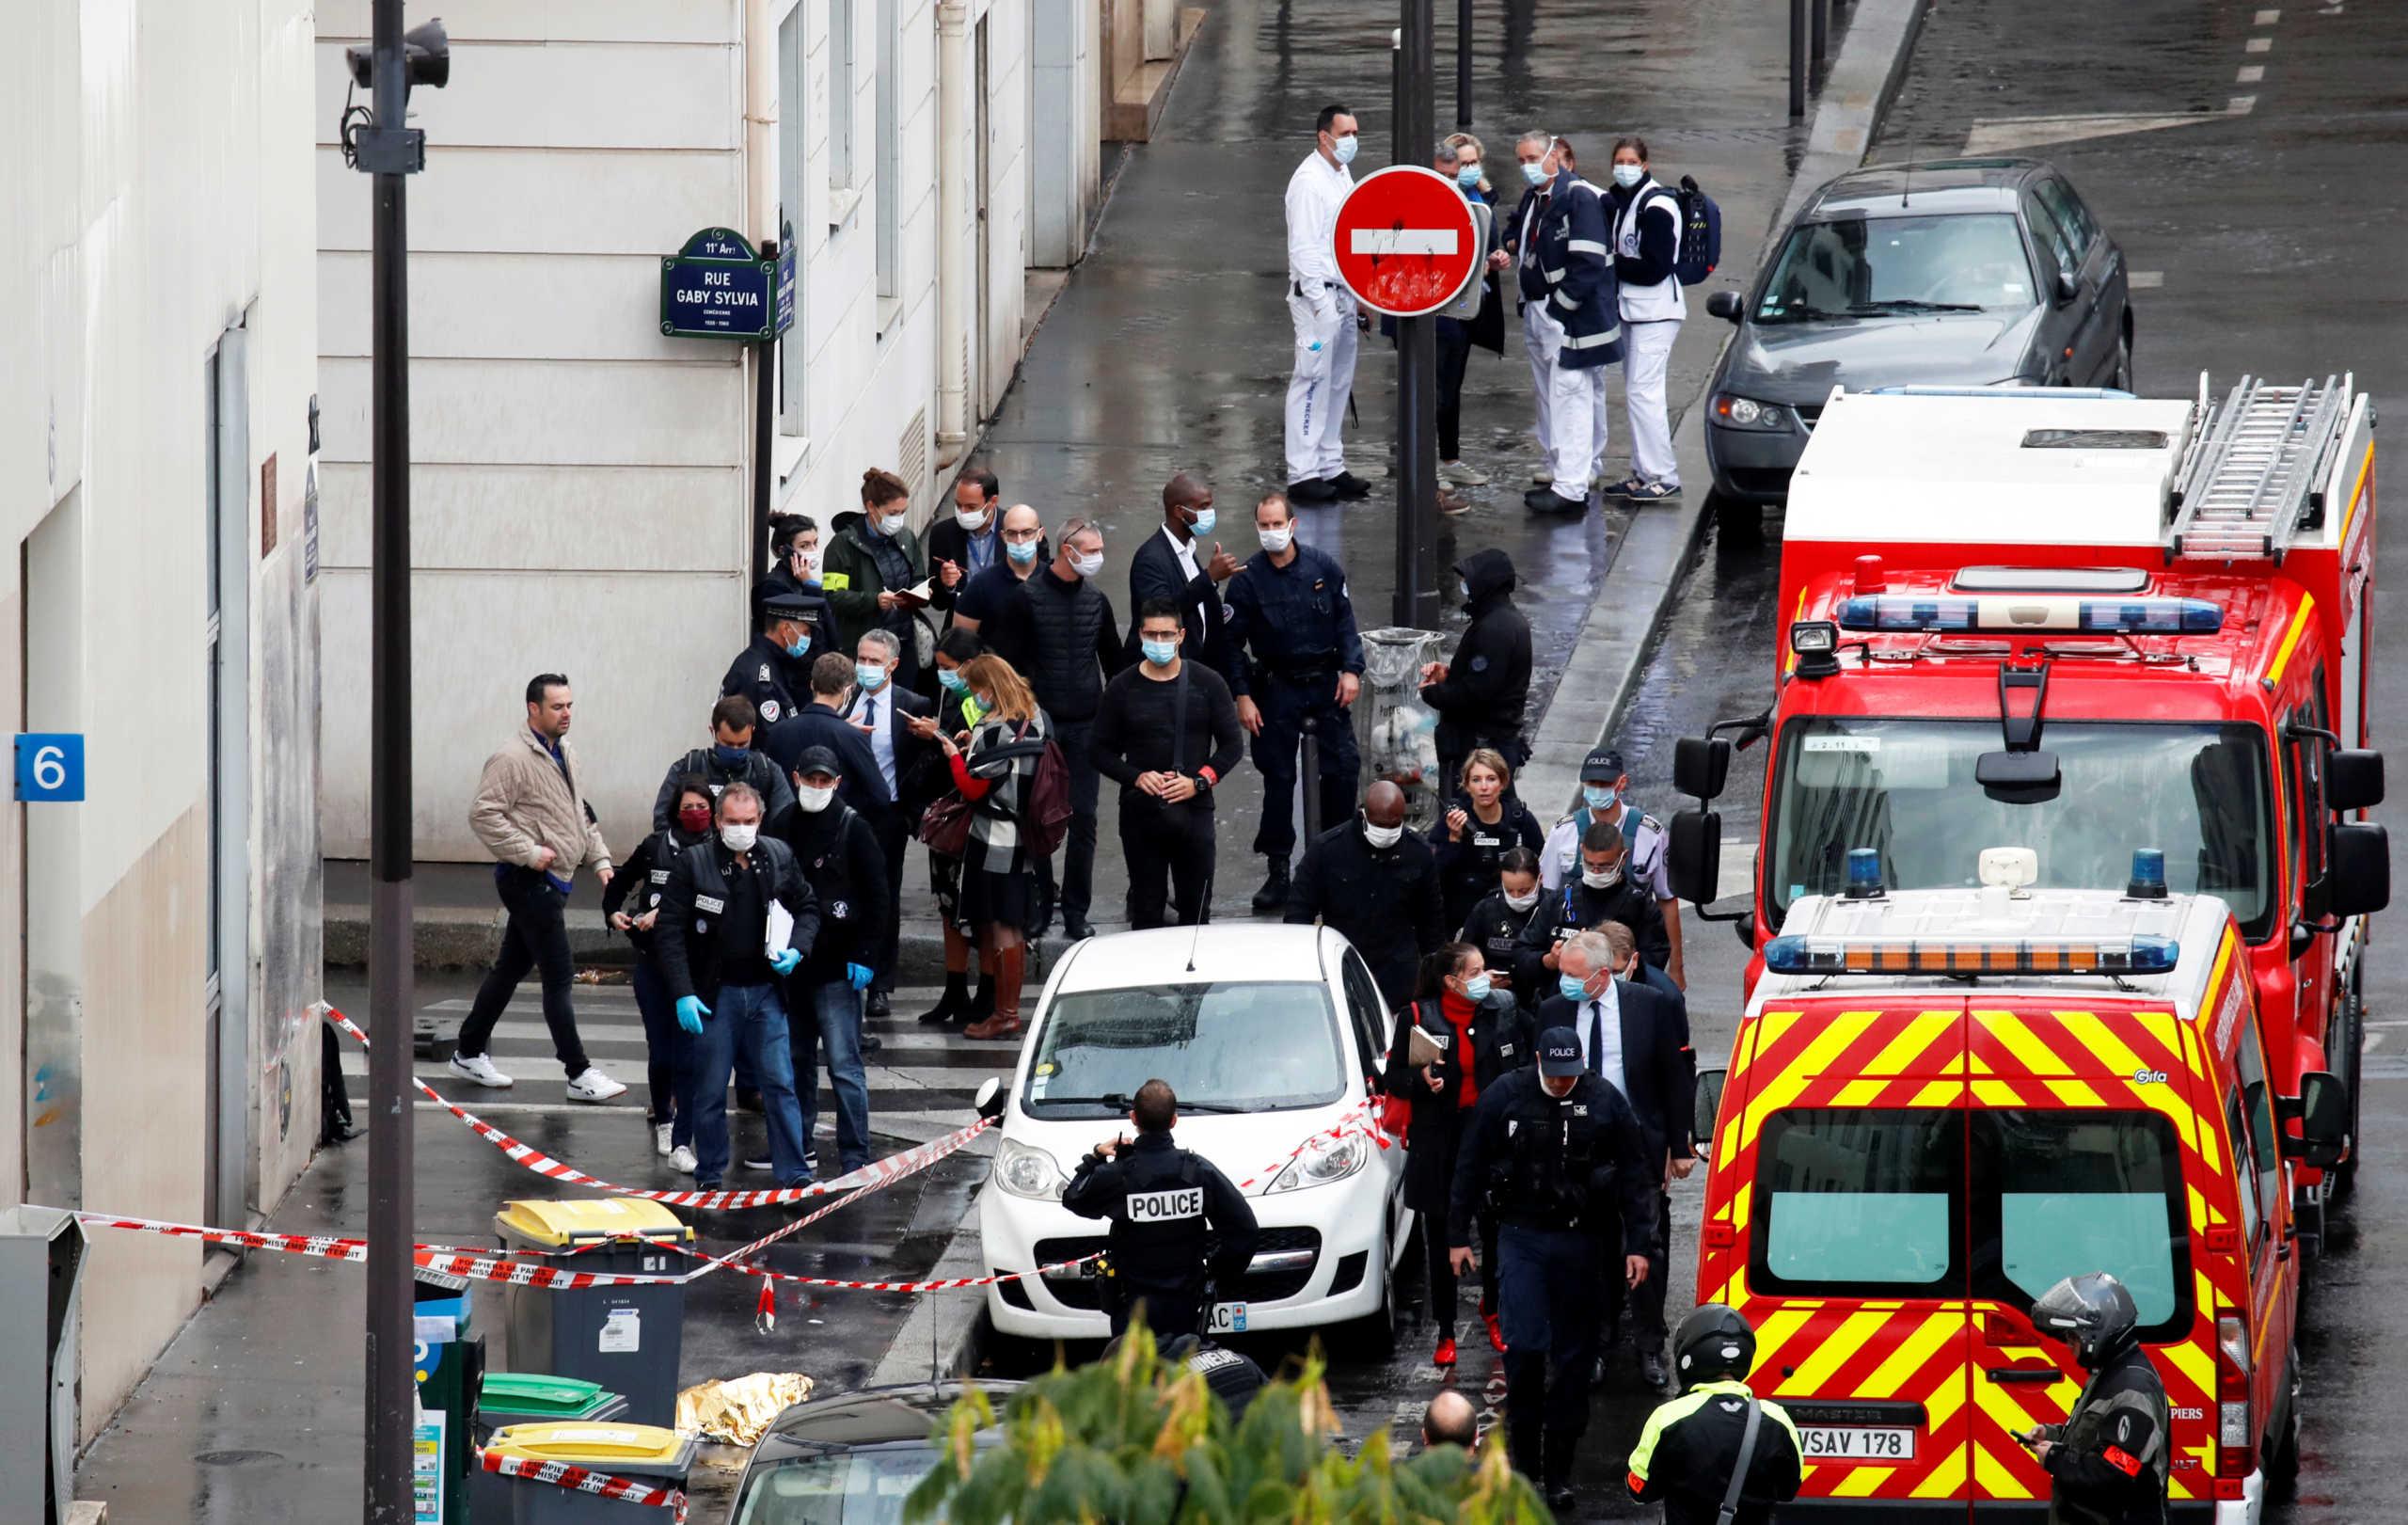 Ο δράστης της επίθεσης στα παλιά γραφεία του Charlie Hebdo αποκάλυψε την πραγματική του ταυτότητα